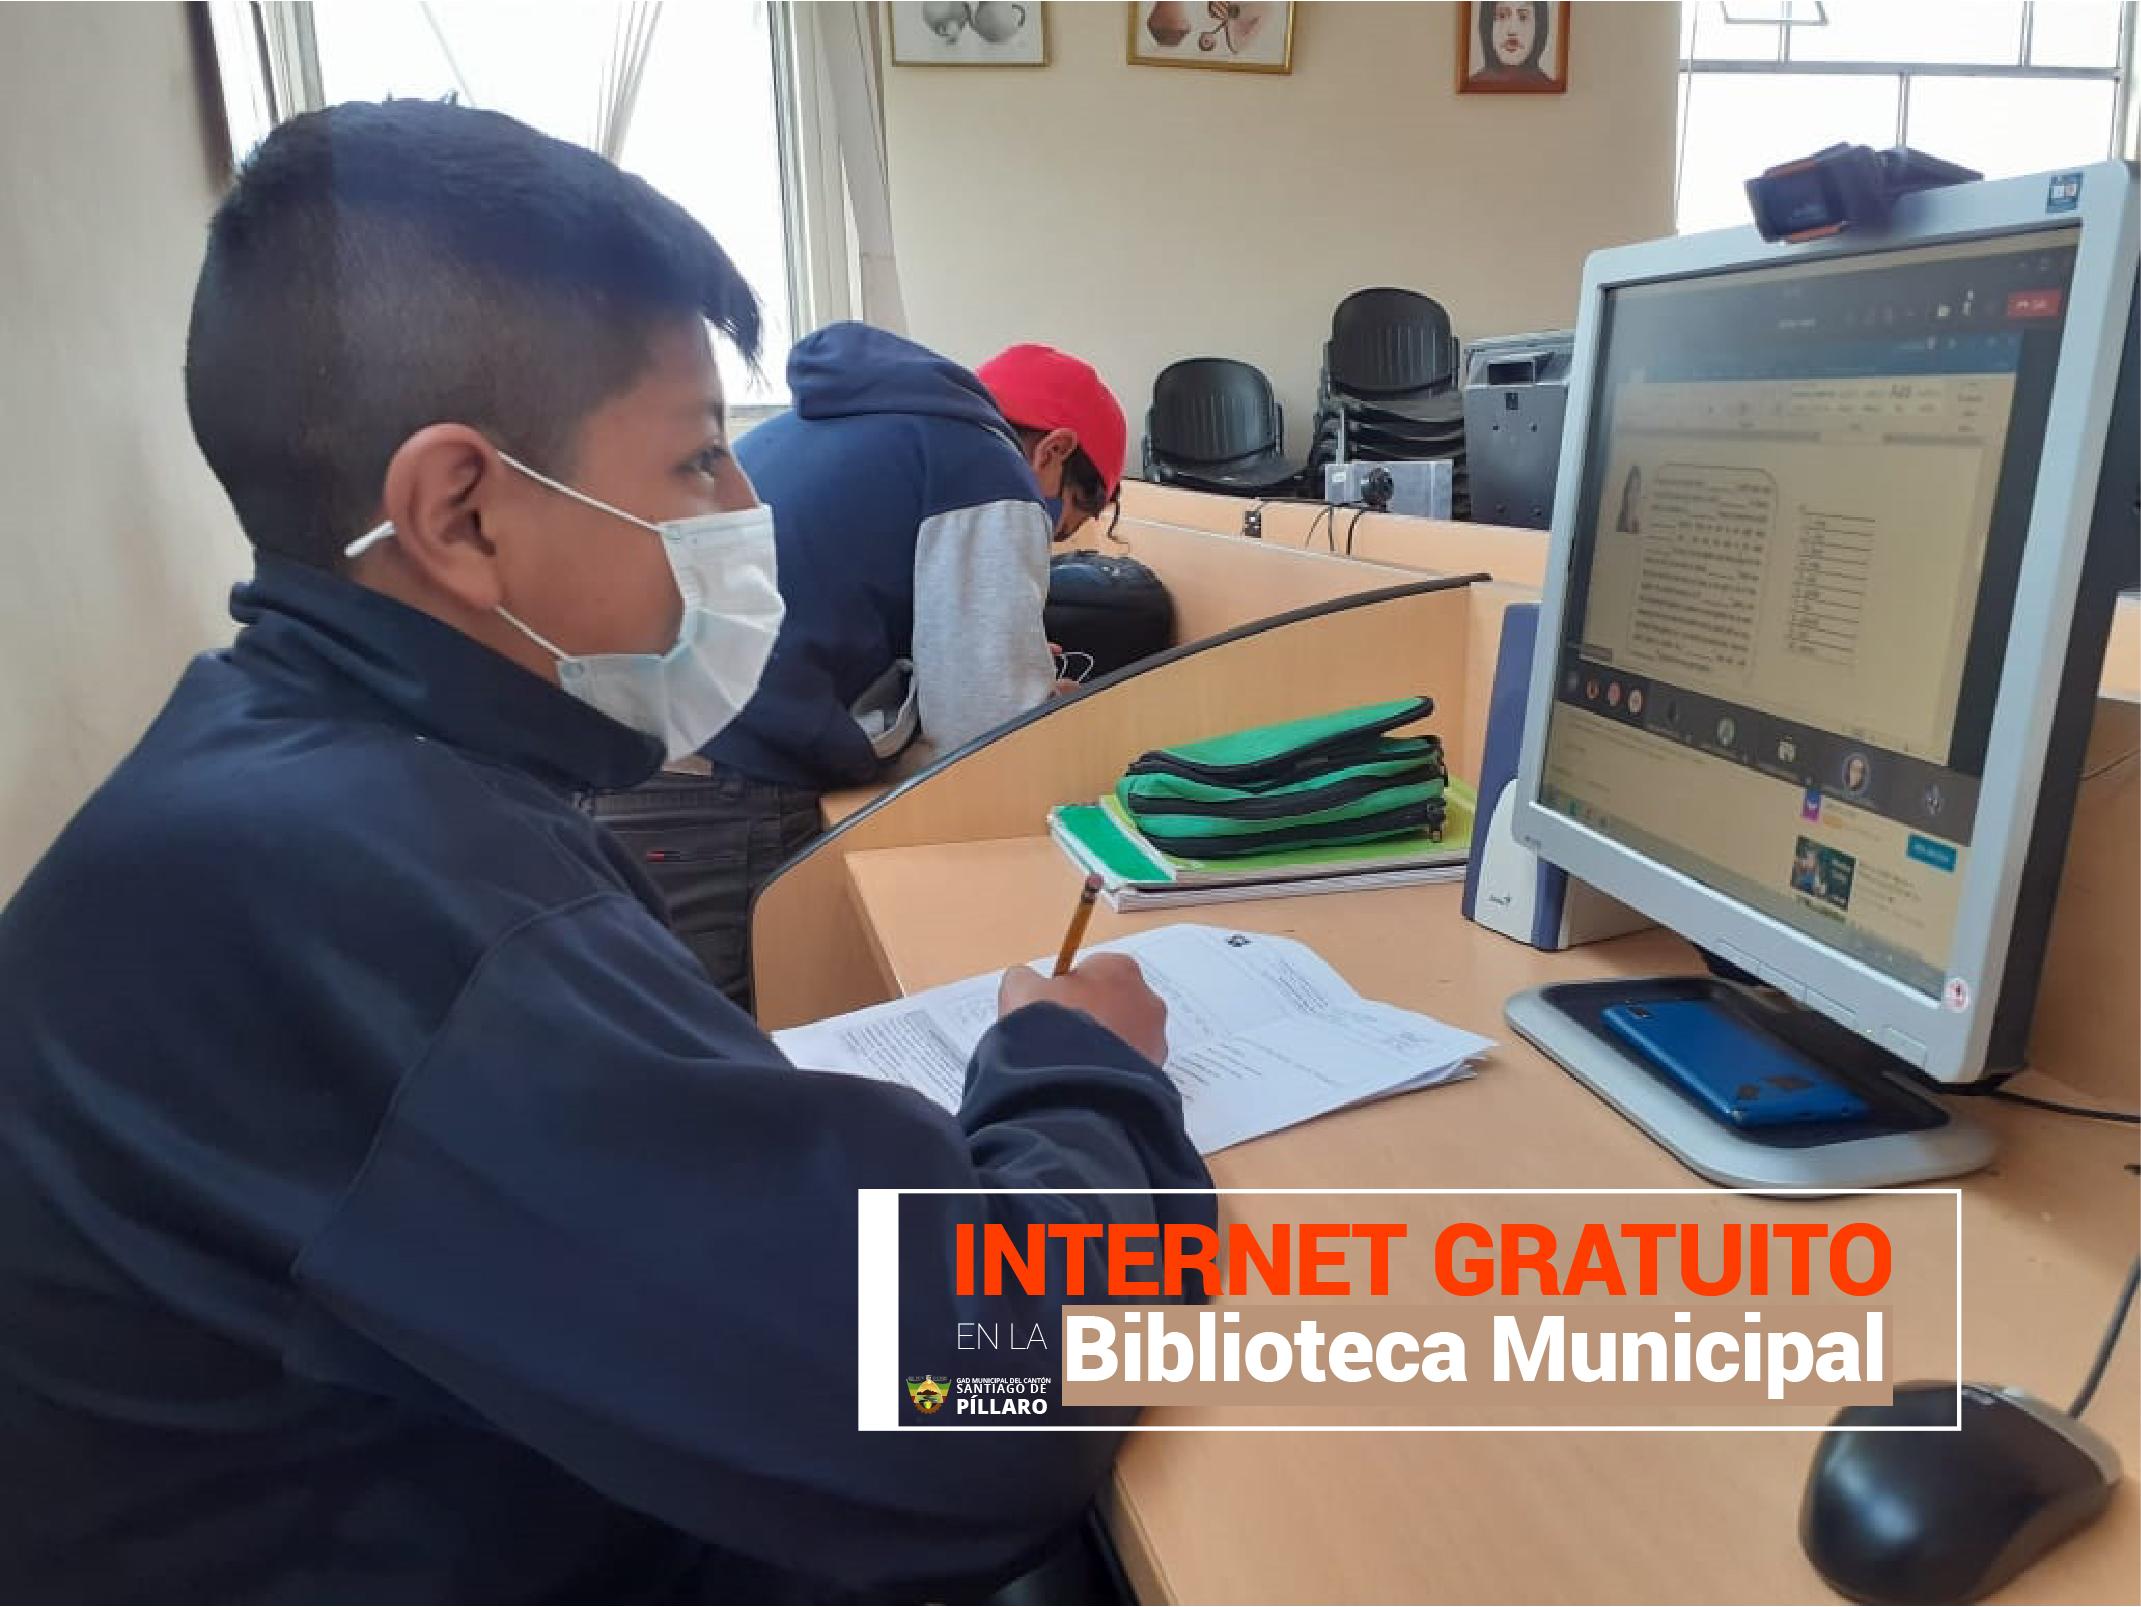 INTERNET GRATUITO EN LA BIBLIOTECA MUNICIPAL